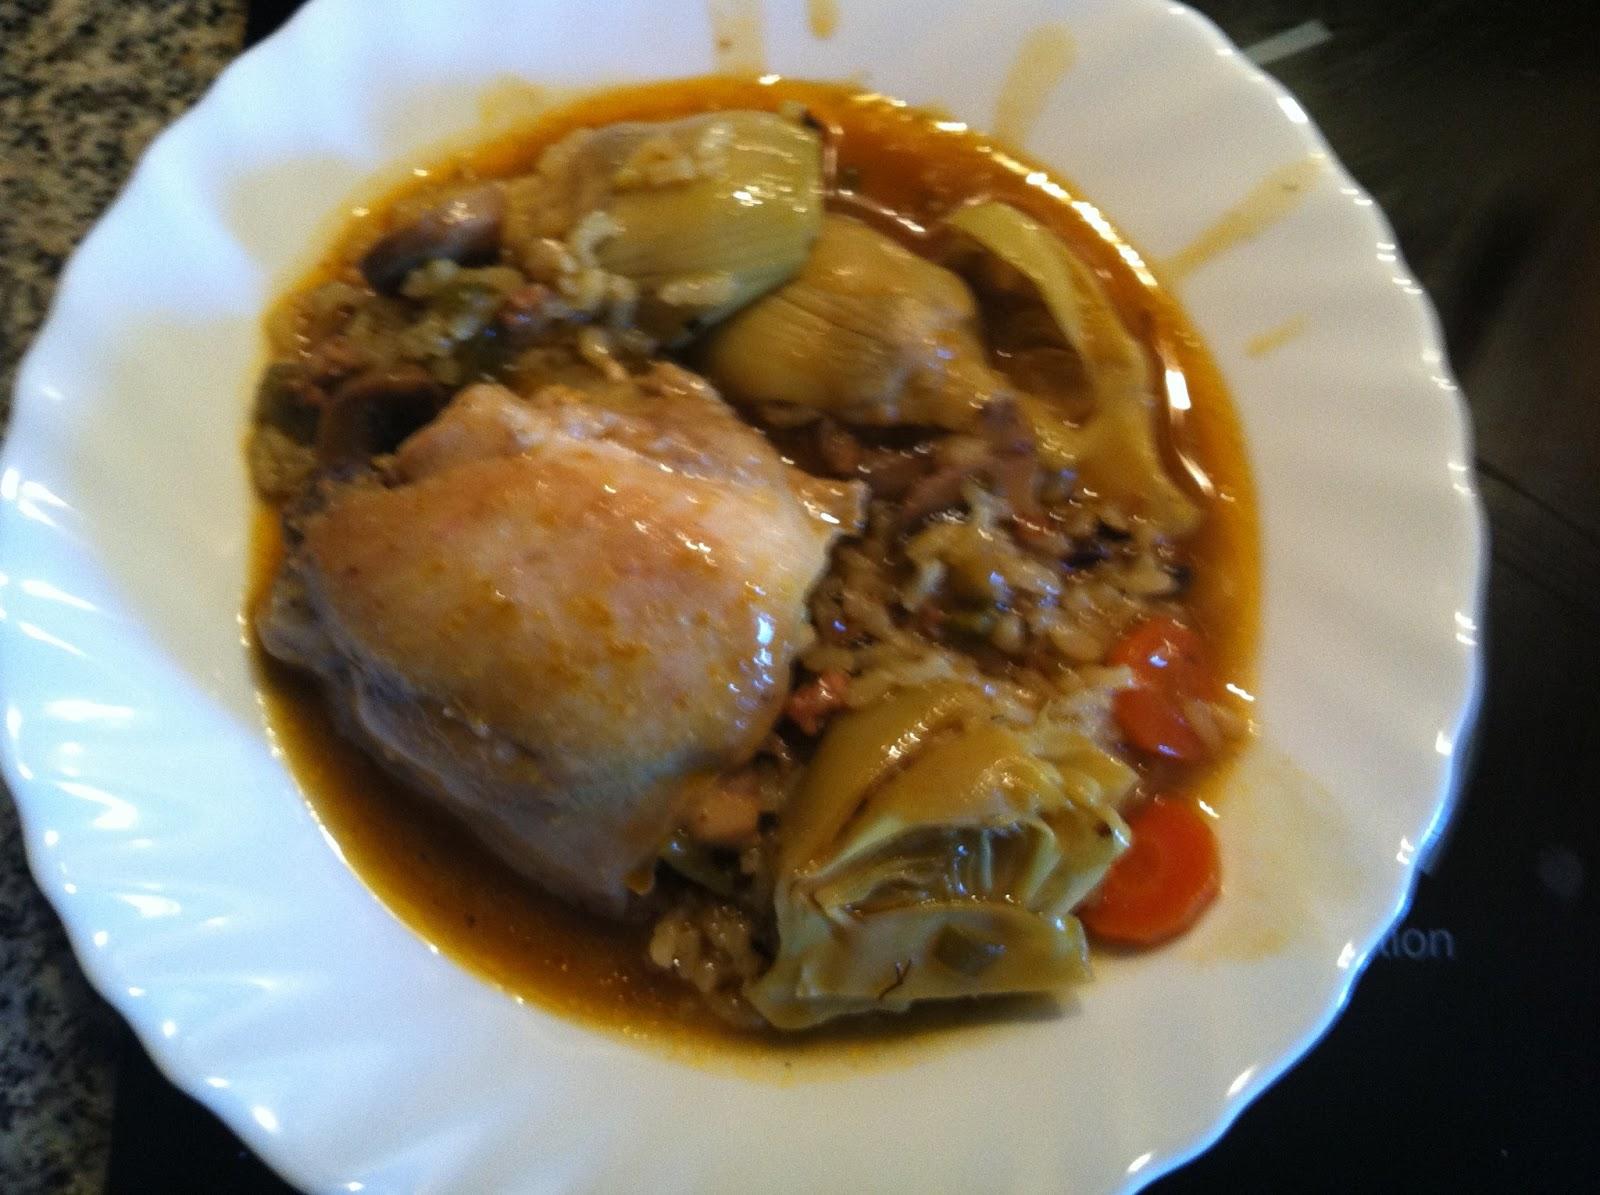 Para yantar dentro y fuera de casa arroz caldoso con - Arroz caldoso con costillas y alcachofas ...